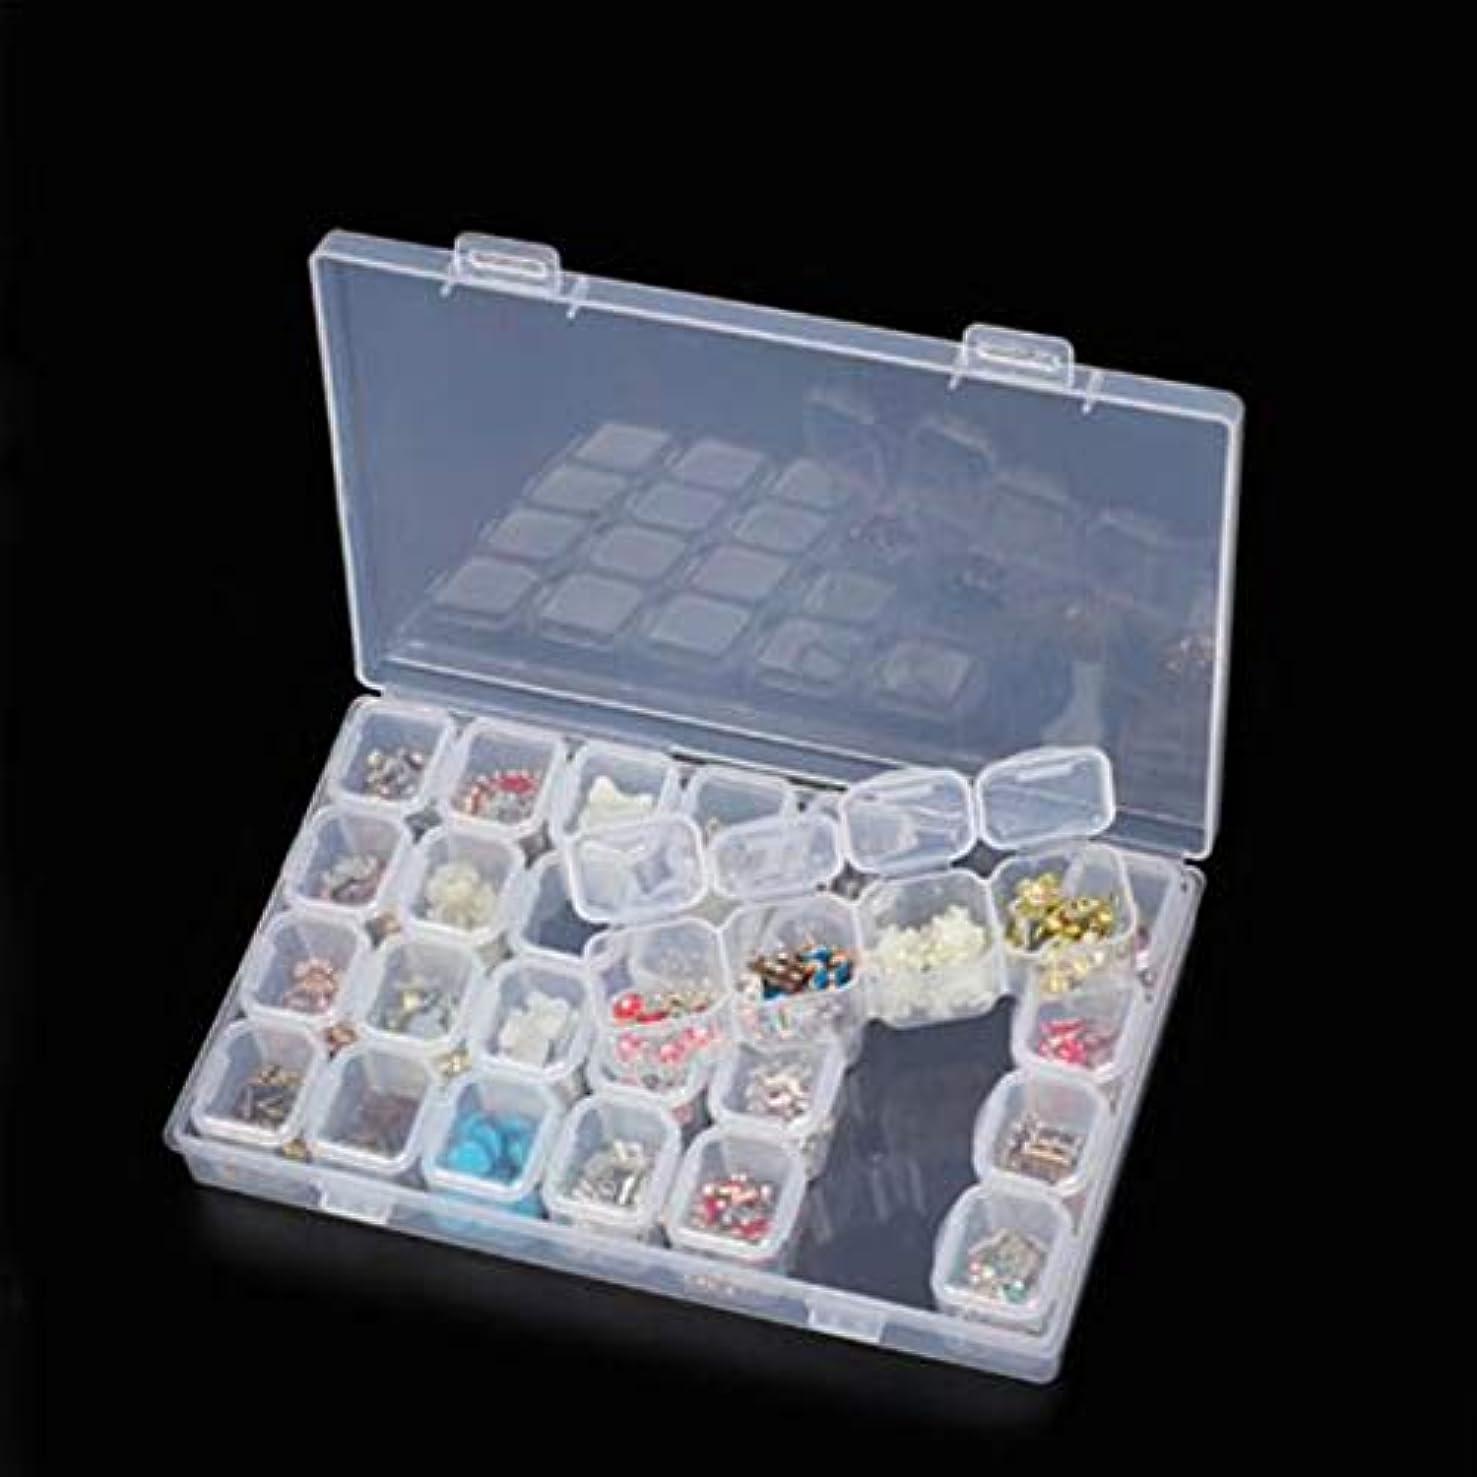 気分リーフレット財布28スロットプラスチック収納ボックスボックスダイヤモンド塗装キットネールアートラインツールズ収納収納ボックスケースオーガナイザーホルダー